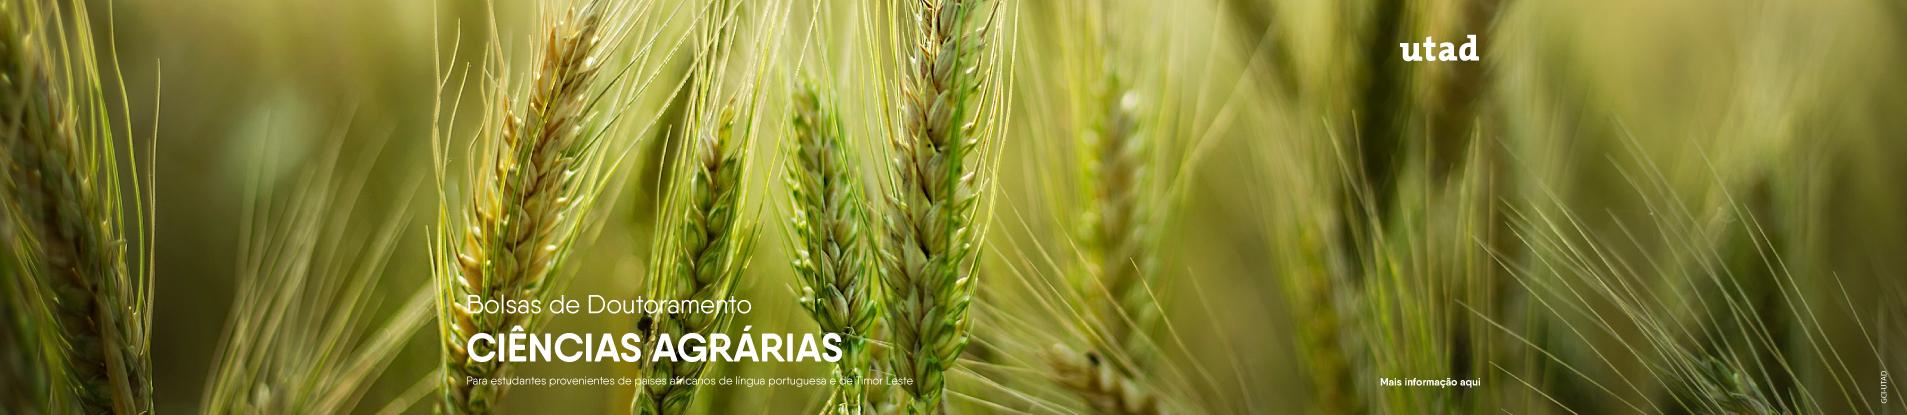 slider bolsas dout ciencias agrarias